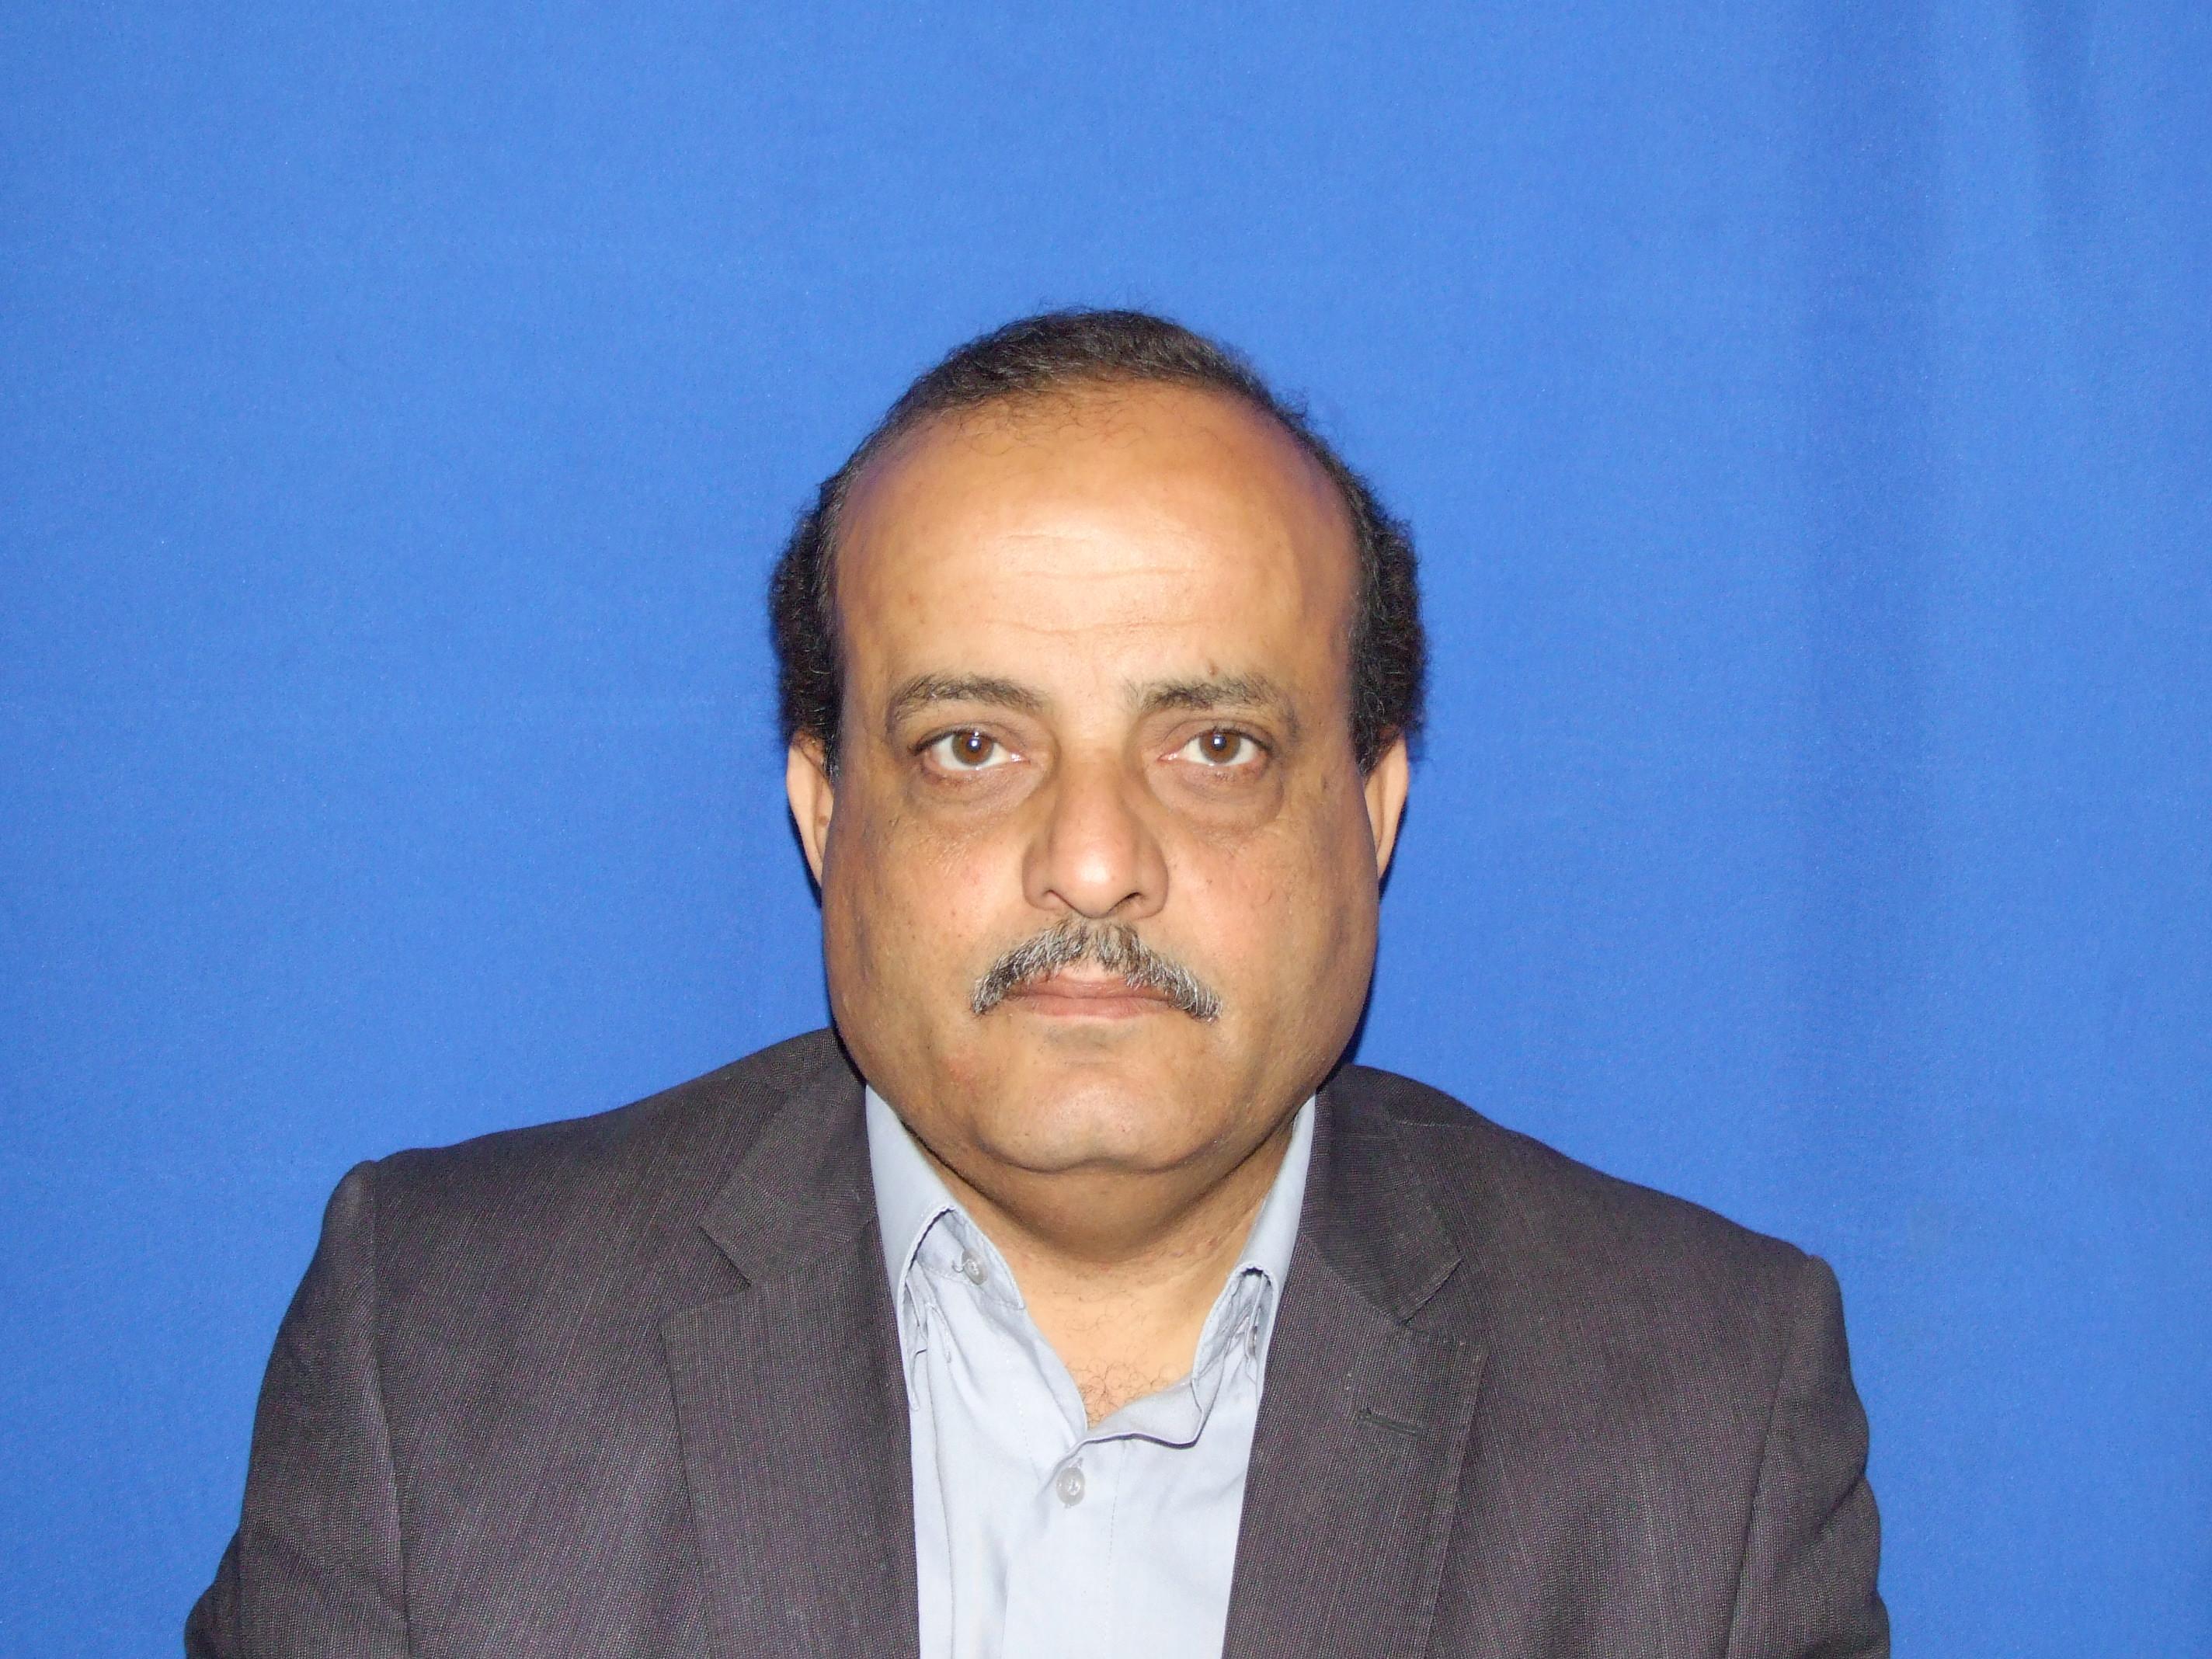 معلومات عن رجل الاعمال أشرف عبد الوهاب محمد قنديل